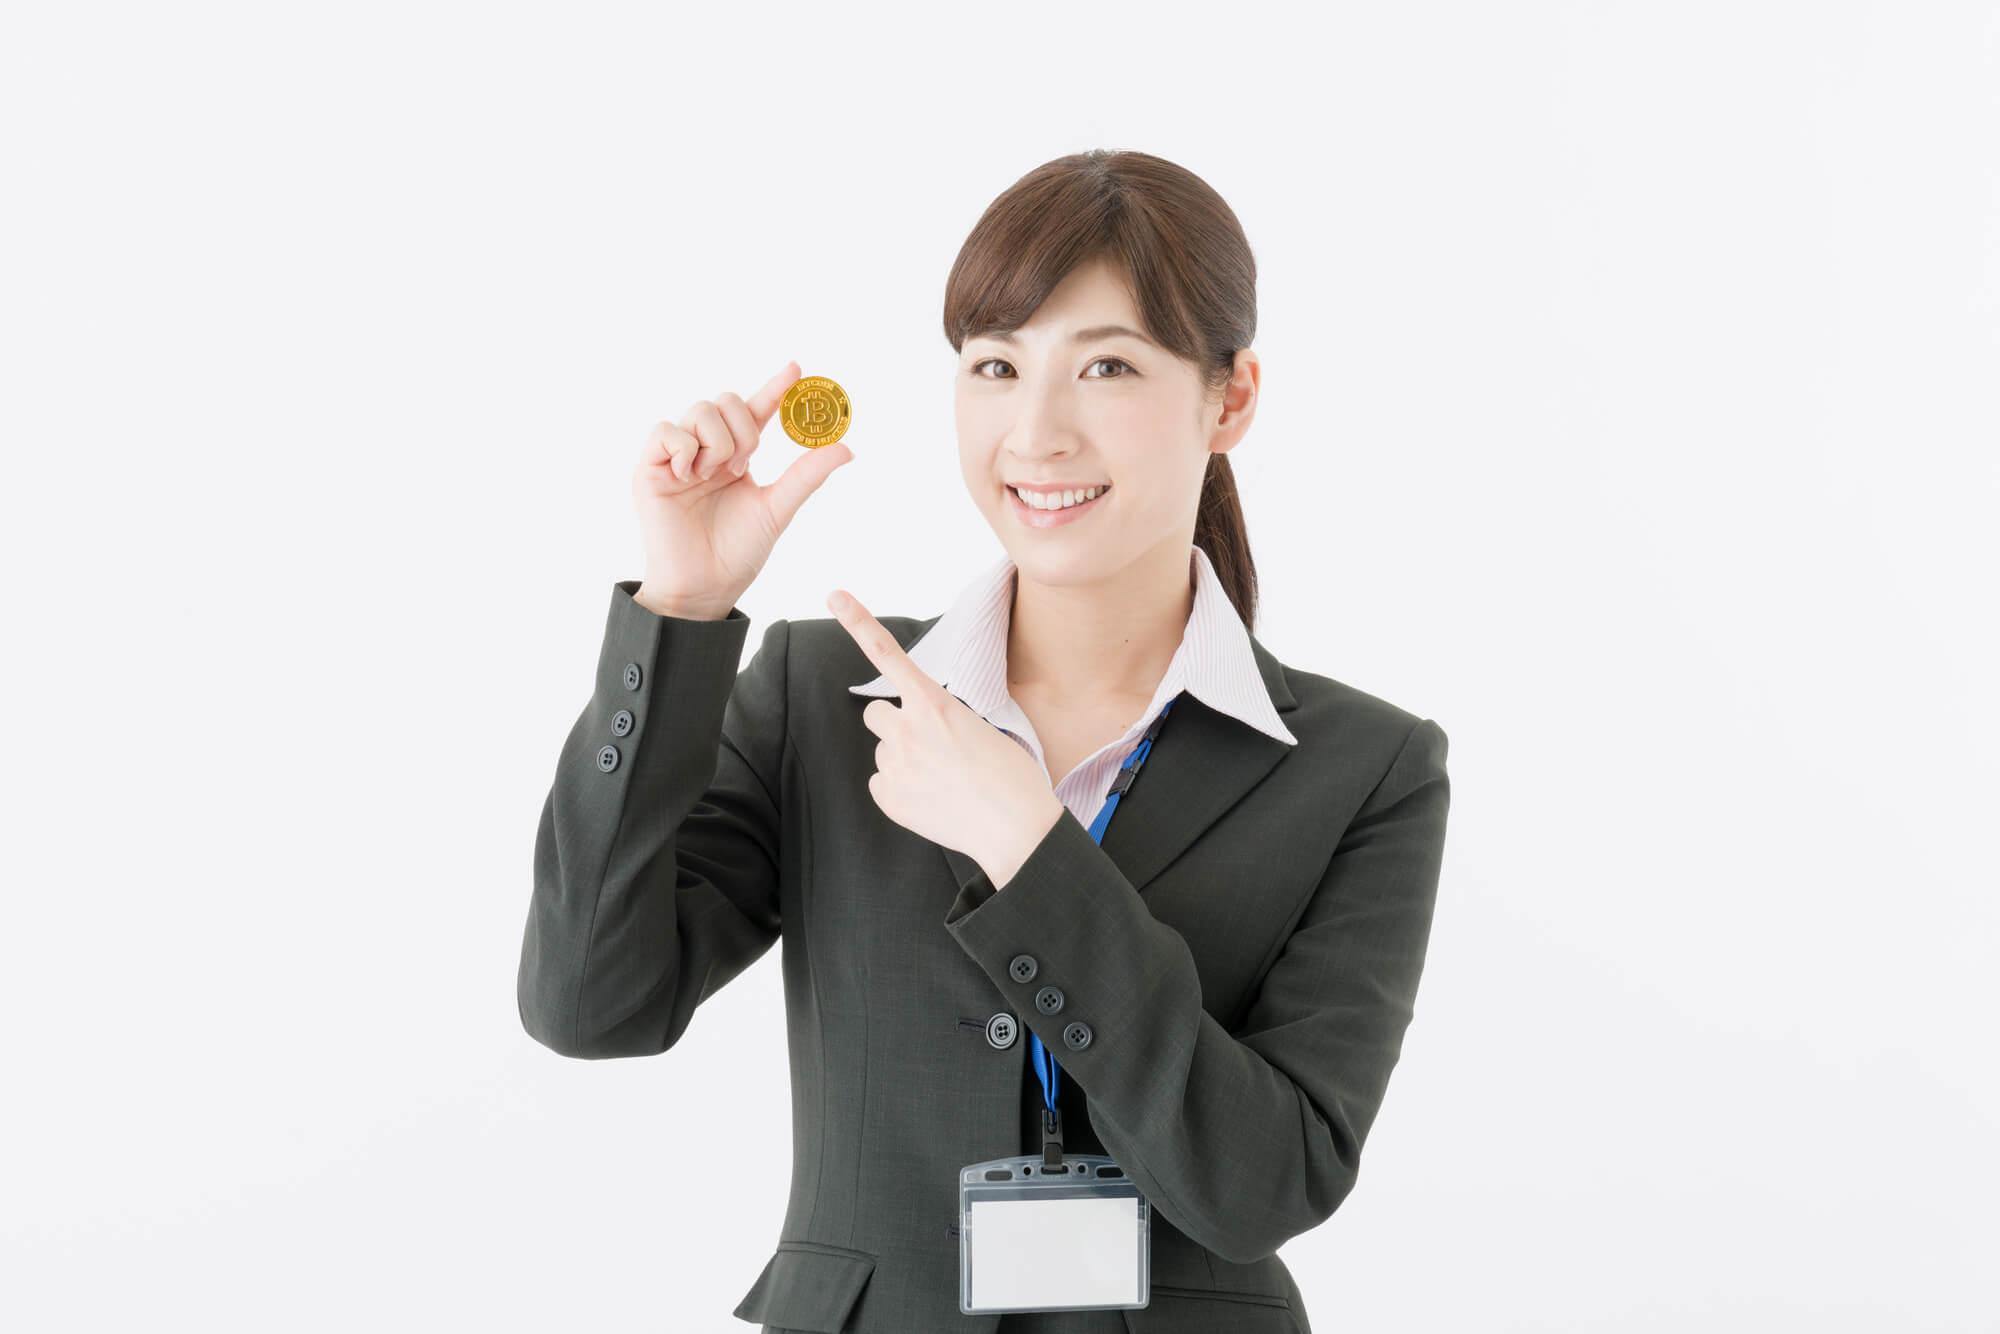 仮想通貨とは何か?簡単で分かりやすい初心者講座